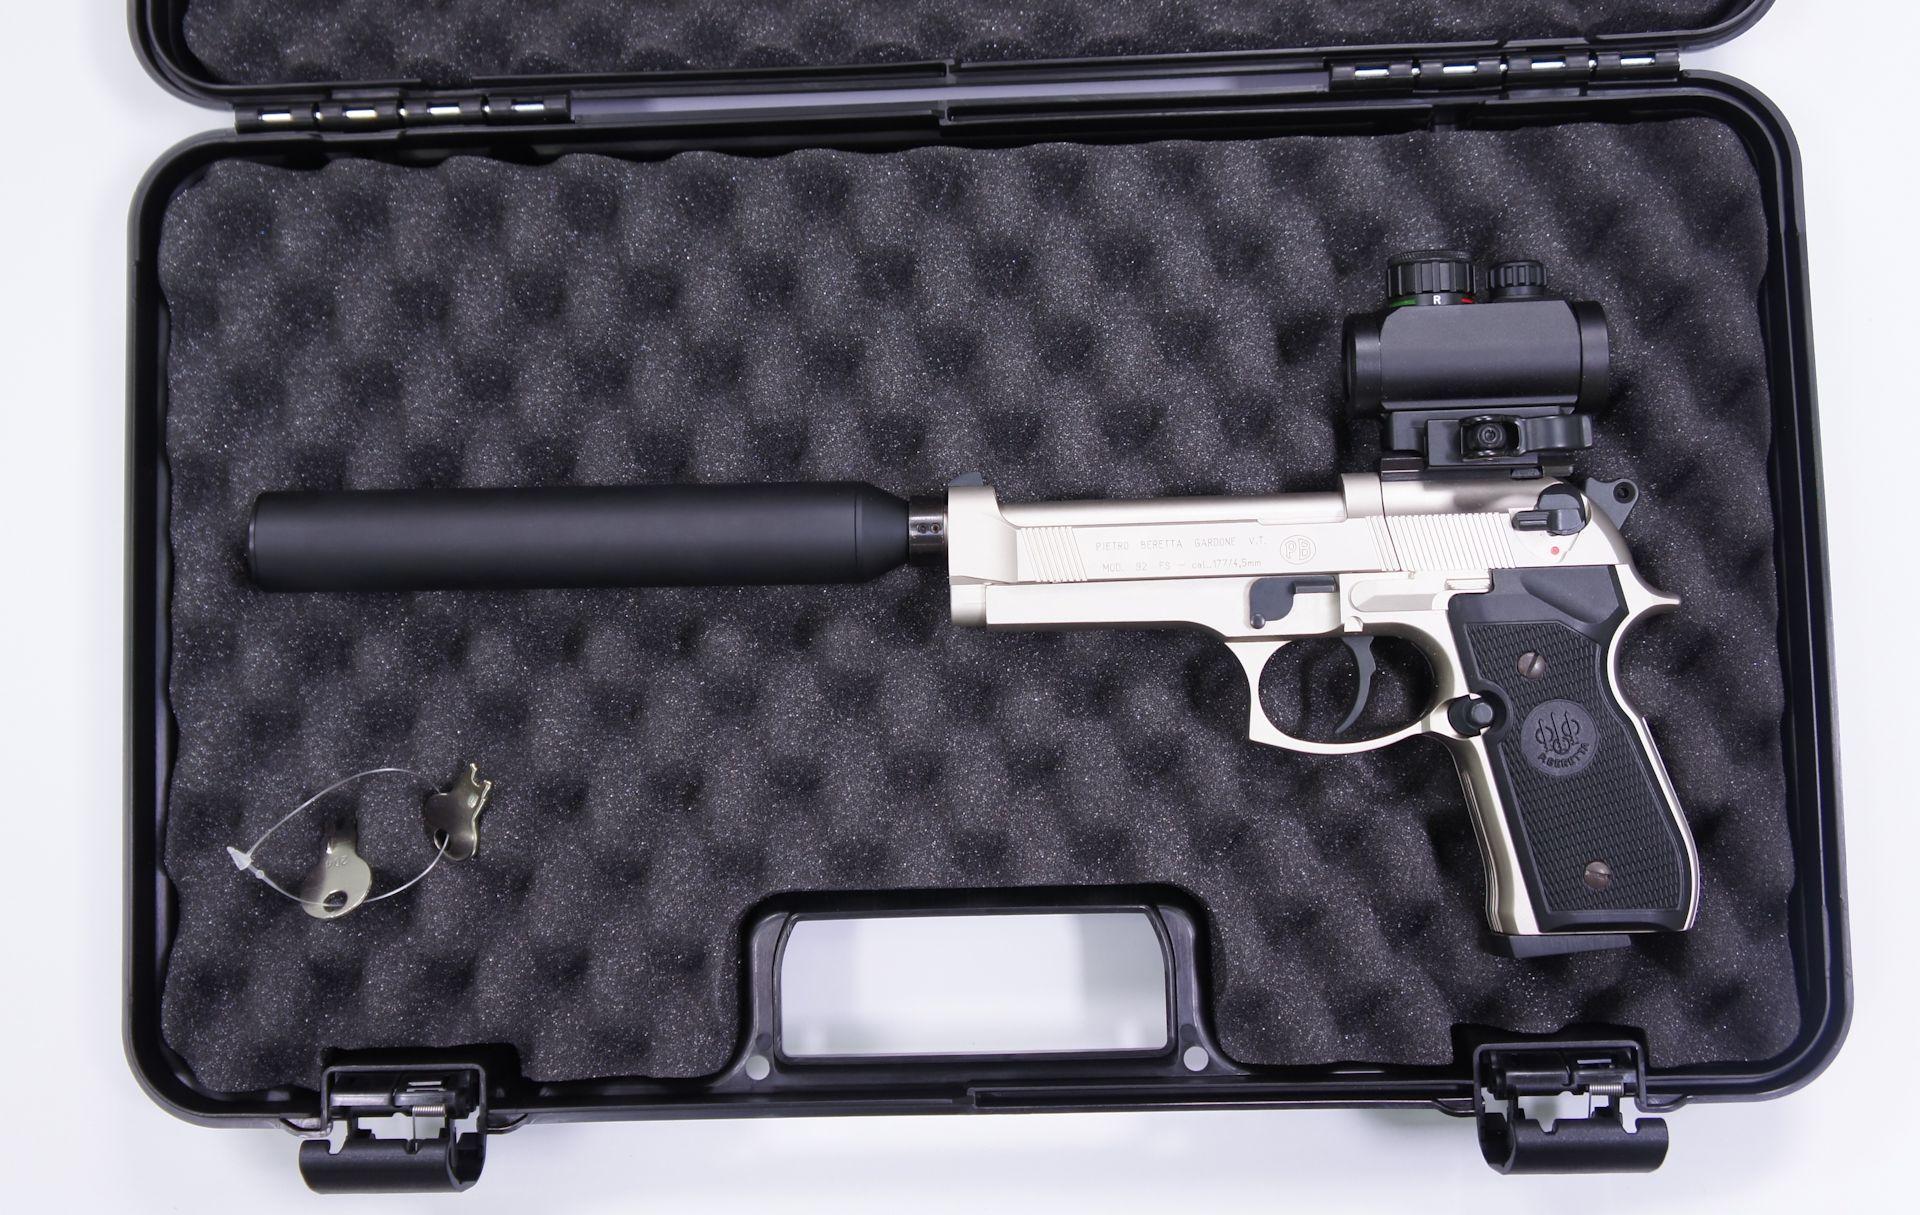 Anwendungsbeispiel: Als Zubehör kann ich diesen <a href=1340300.htm>Koffer </a>empfehlen. Da passt die Pistole mit aufgesetztem Dämpfer hinein.